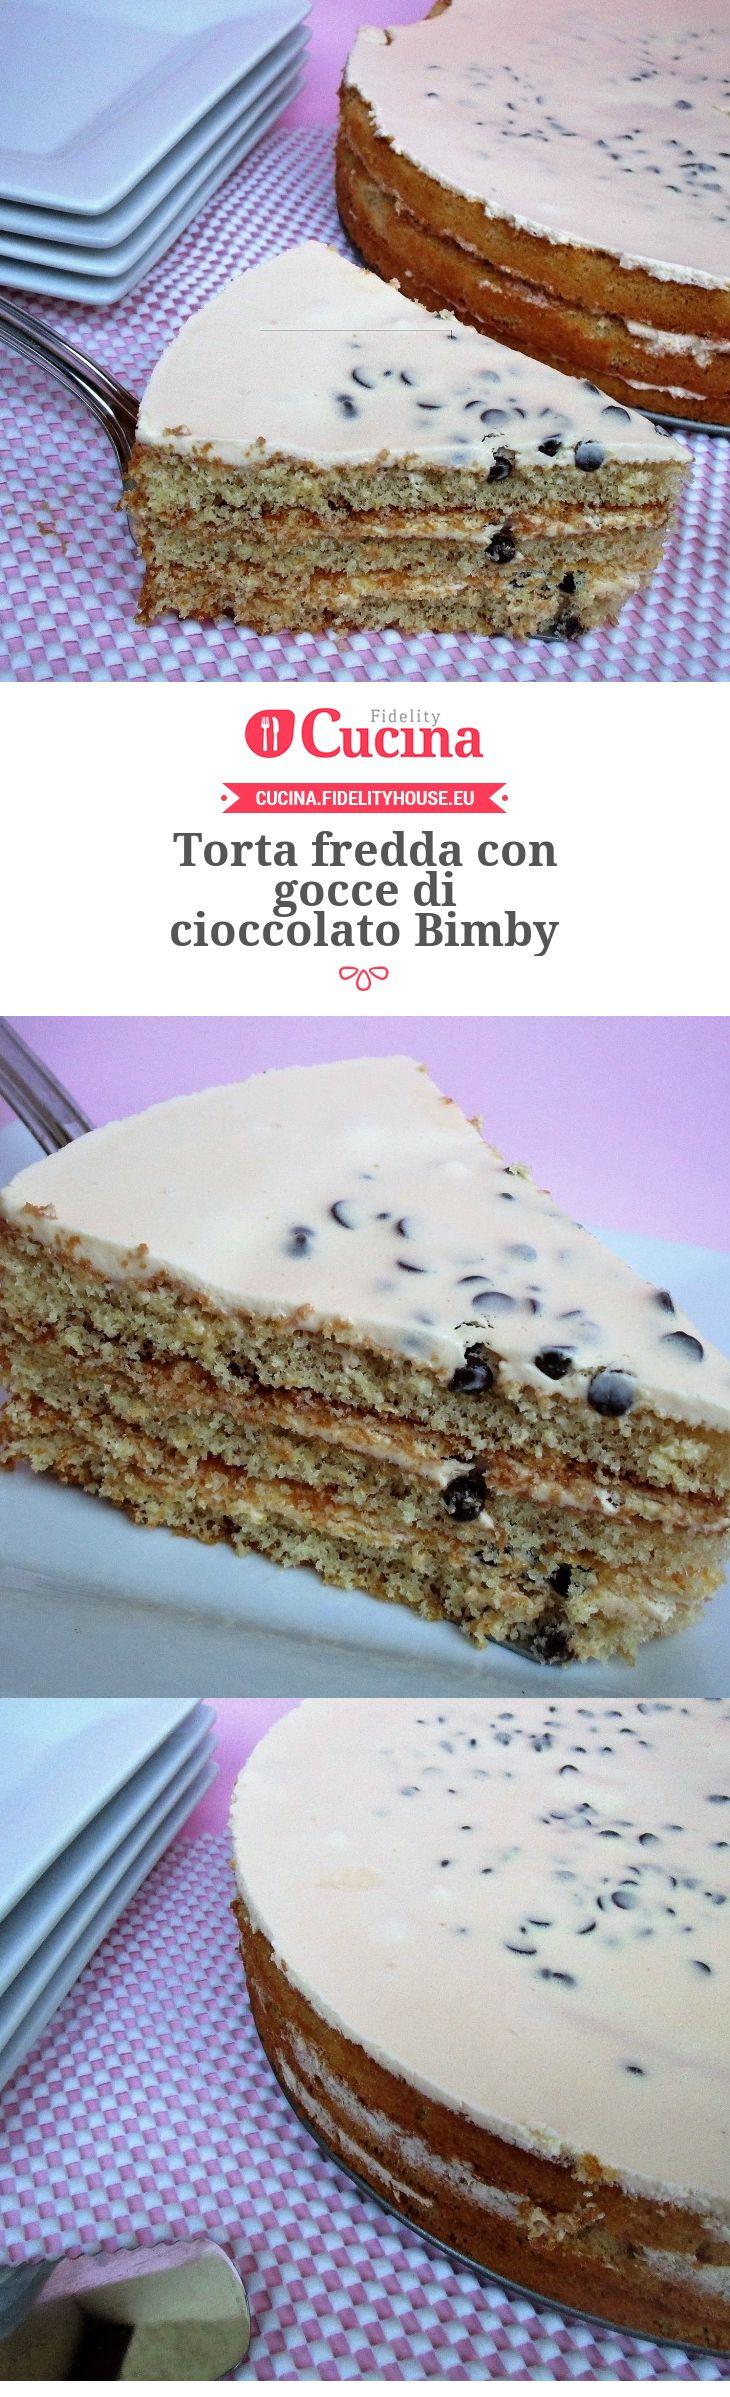 Torta fredda con gocce di cioccolato Bimby